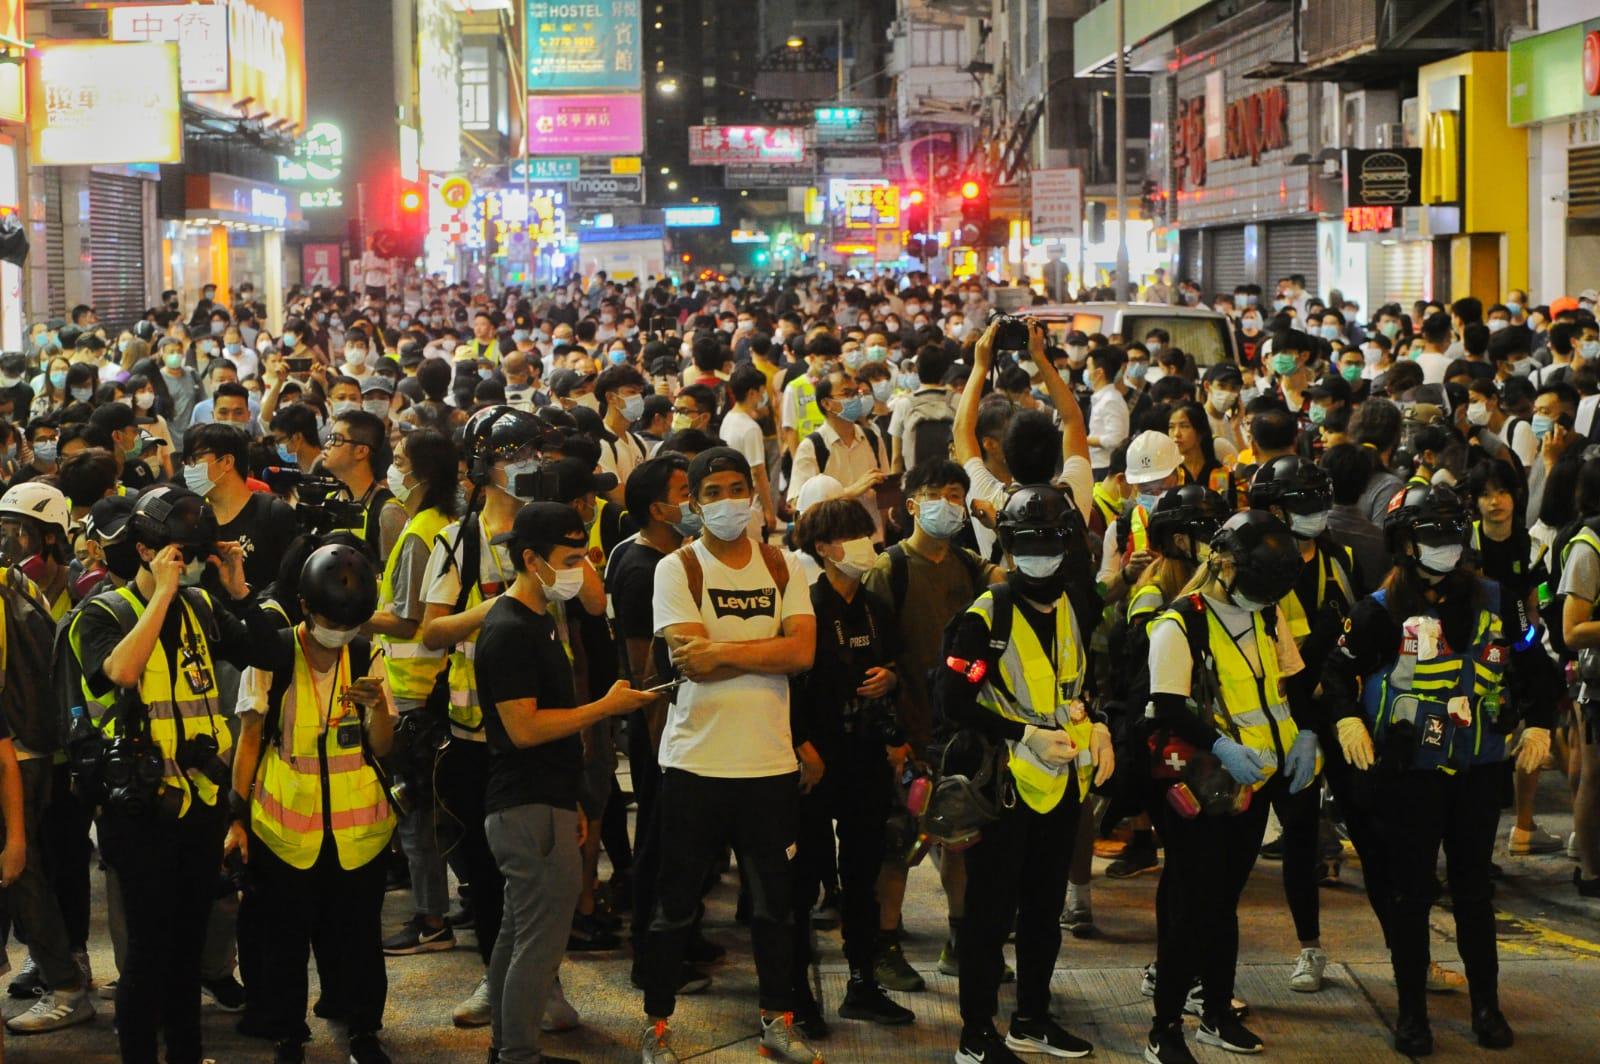 旺角山東街入夜後仍有許多市民進行抗議。(宋碧龍/大紀元)